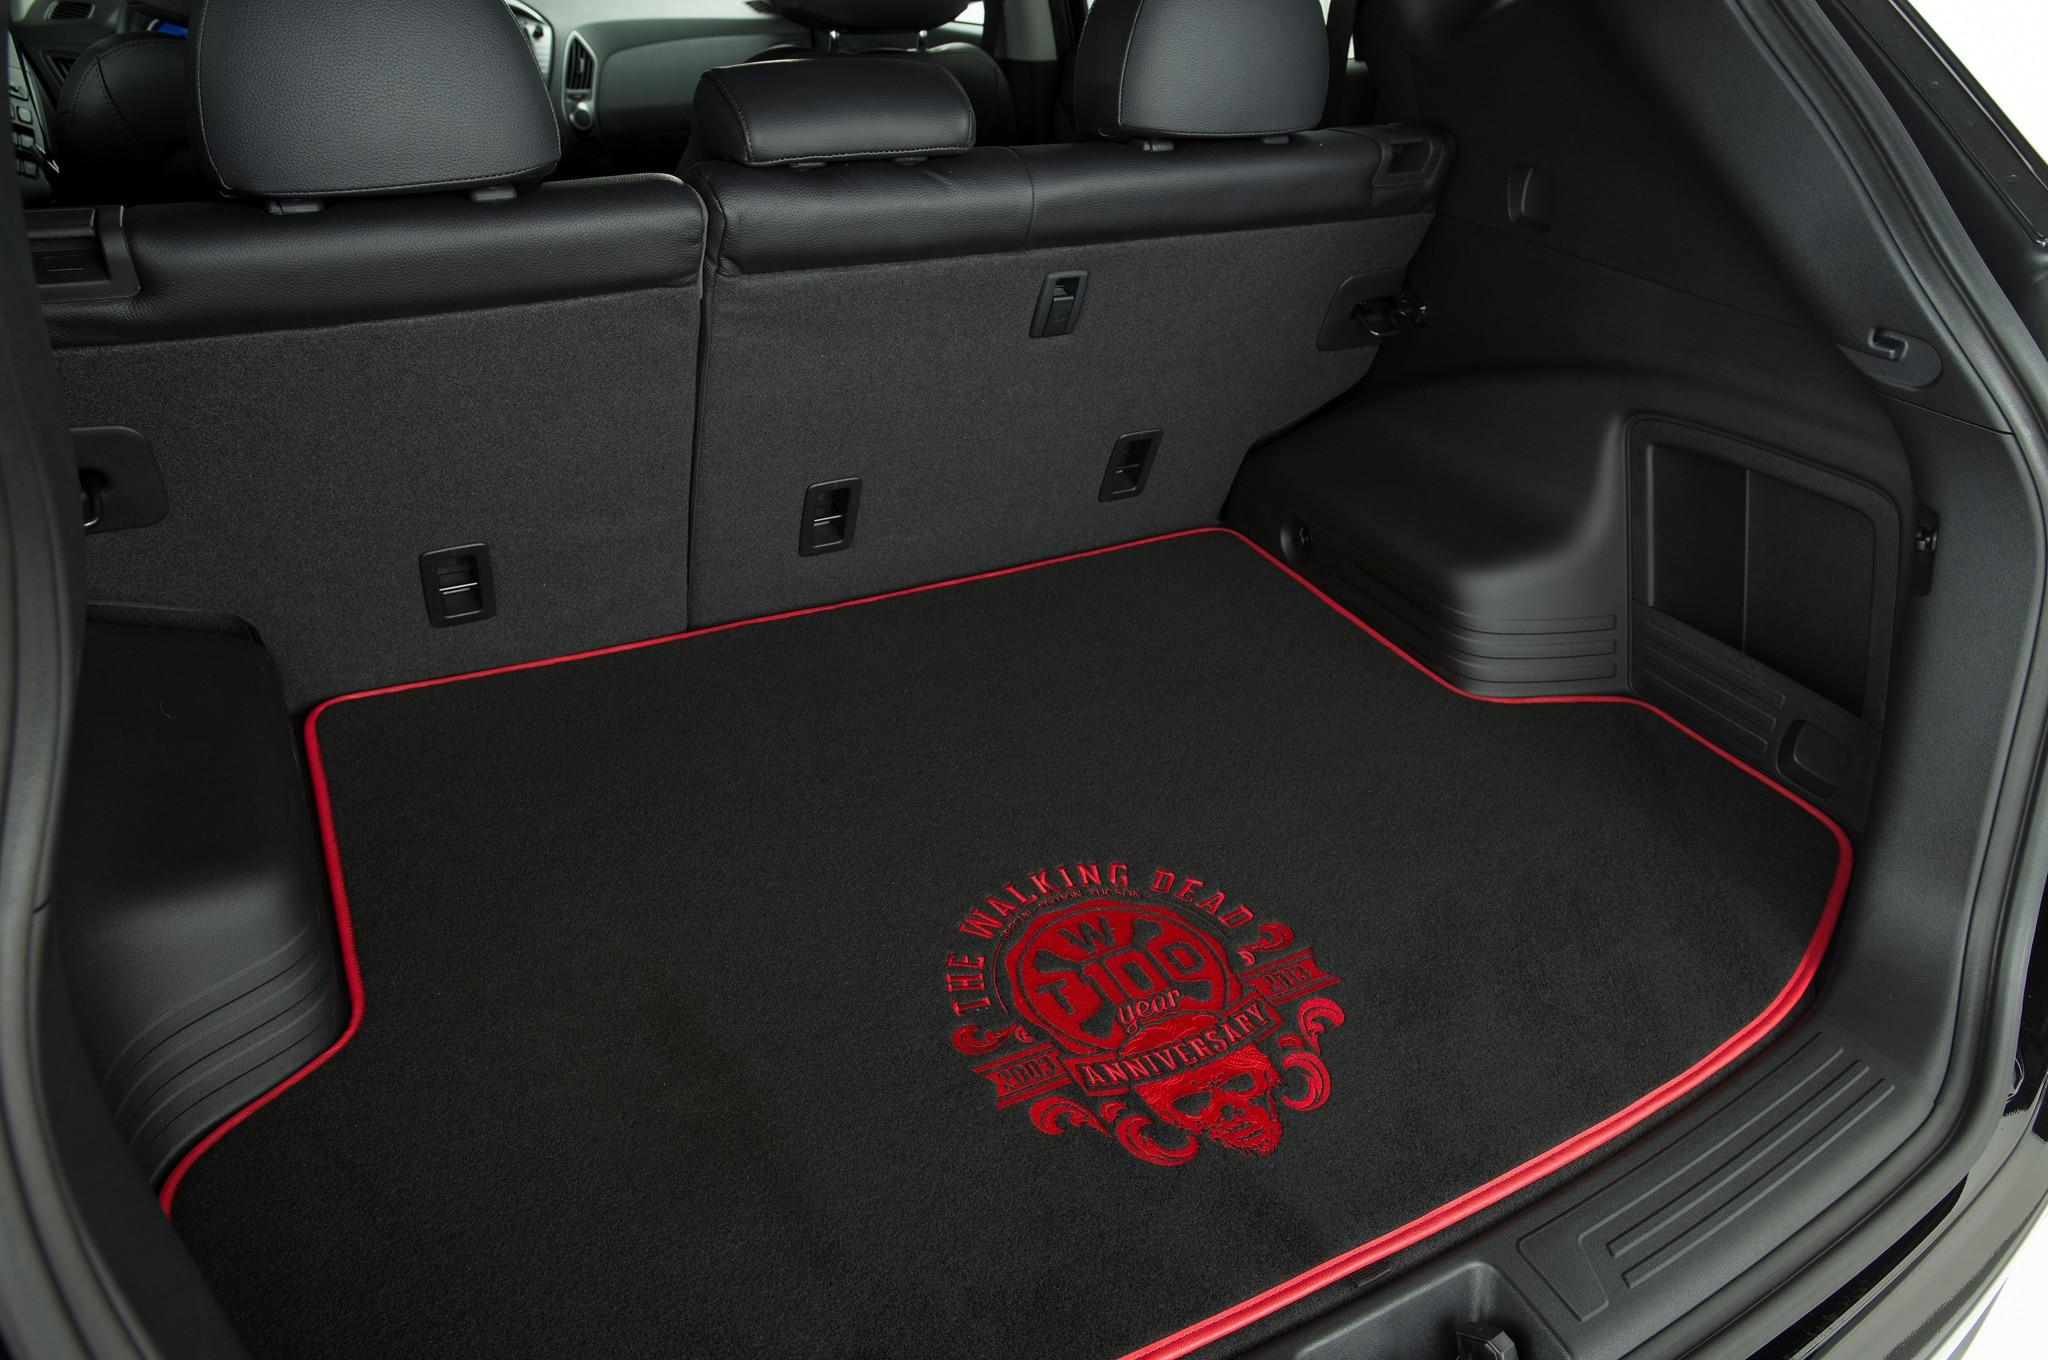 2014 hyundai tucson walking dead special edition interior cargo area floormat